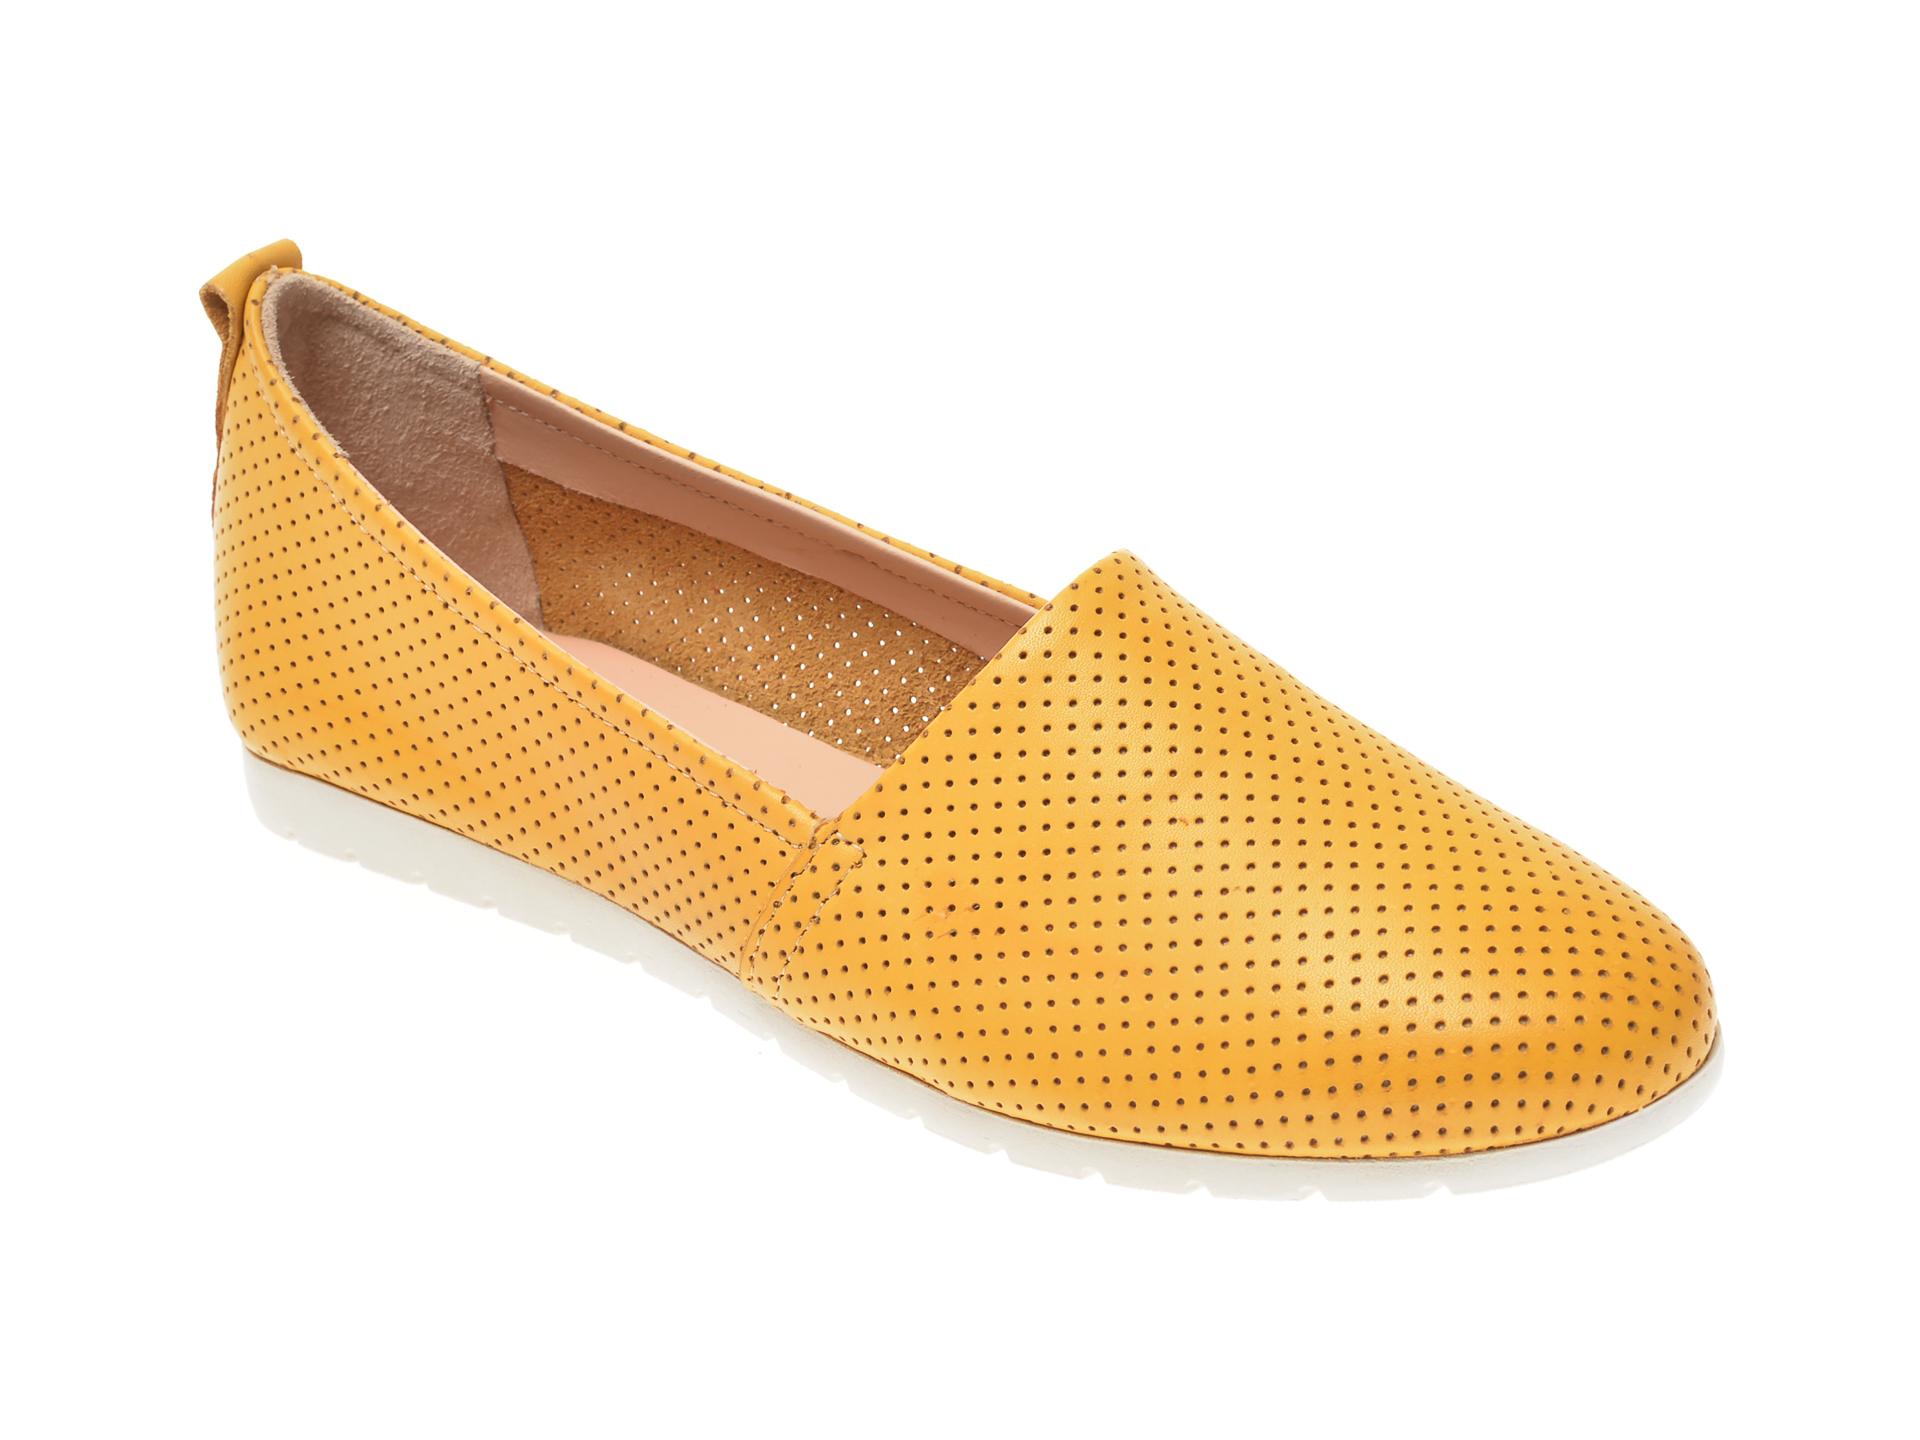 Pantofi SALAMANDER galbeni, 44501, din piele naturala imagine